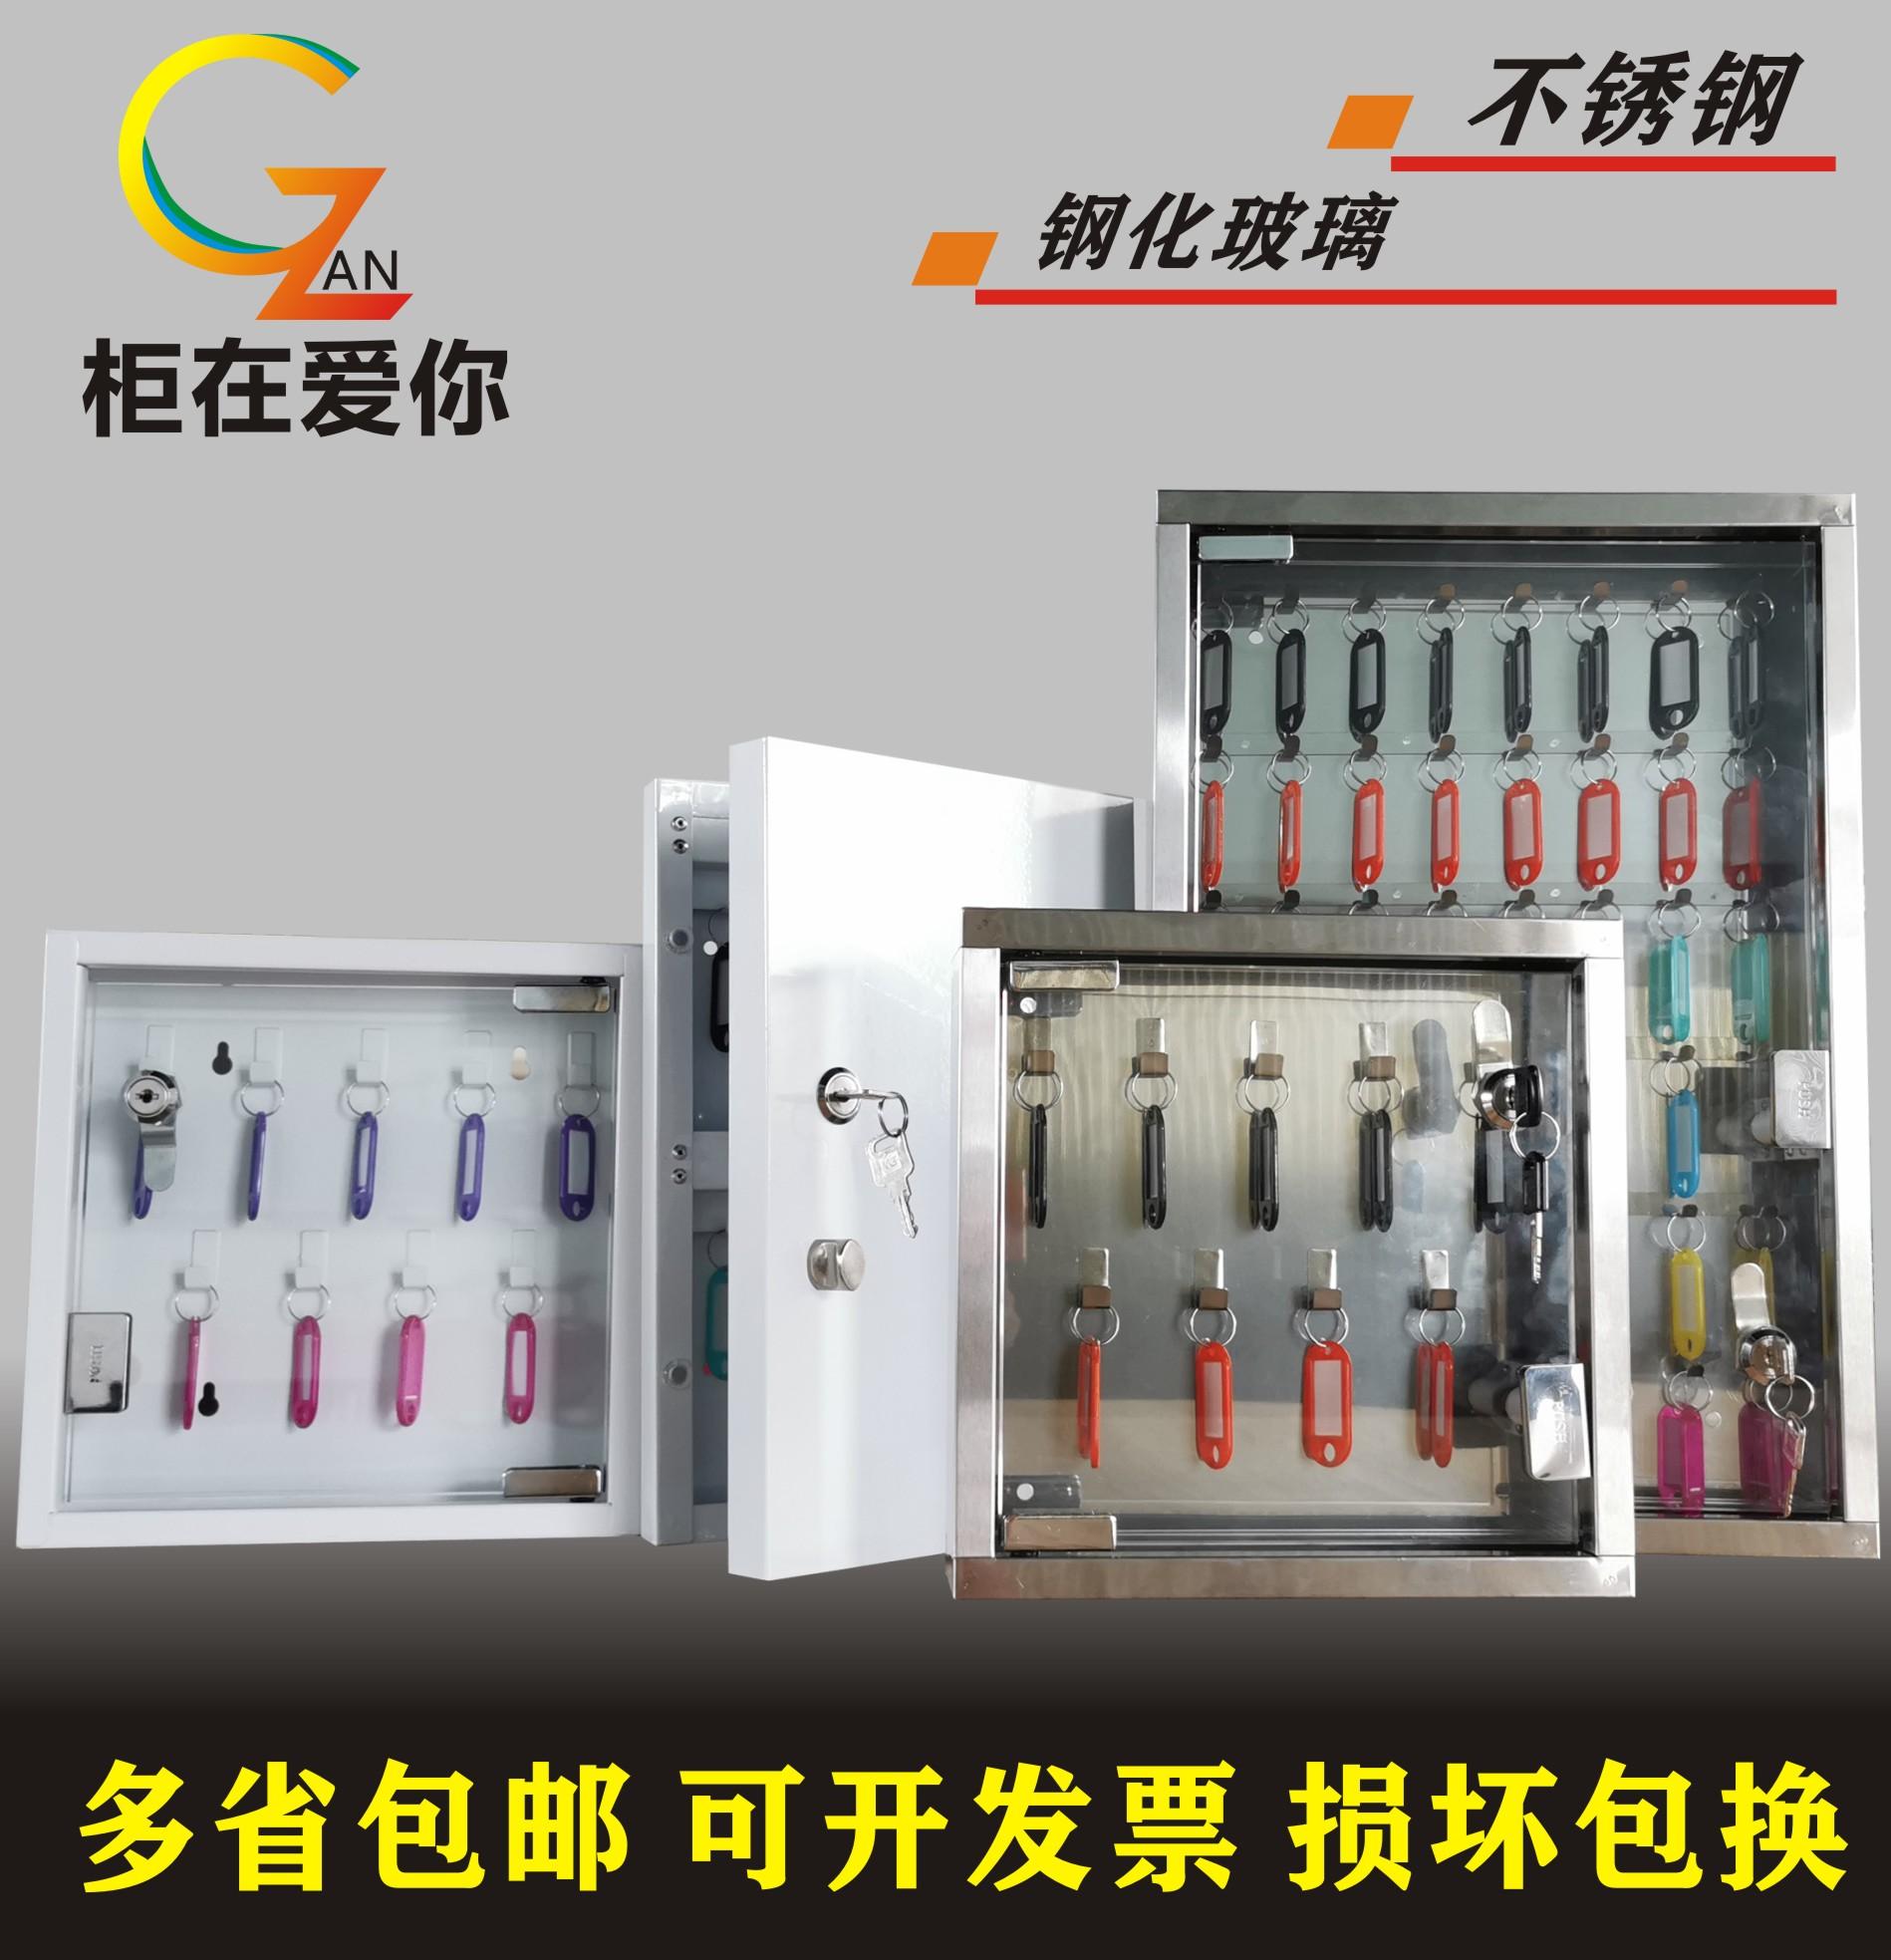 钥匙柜不锈钢钥匙箱酒店4S店房产钥匙盒收纳柜在爱你壁挂式钥匙箱